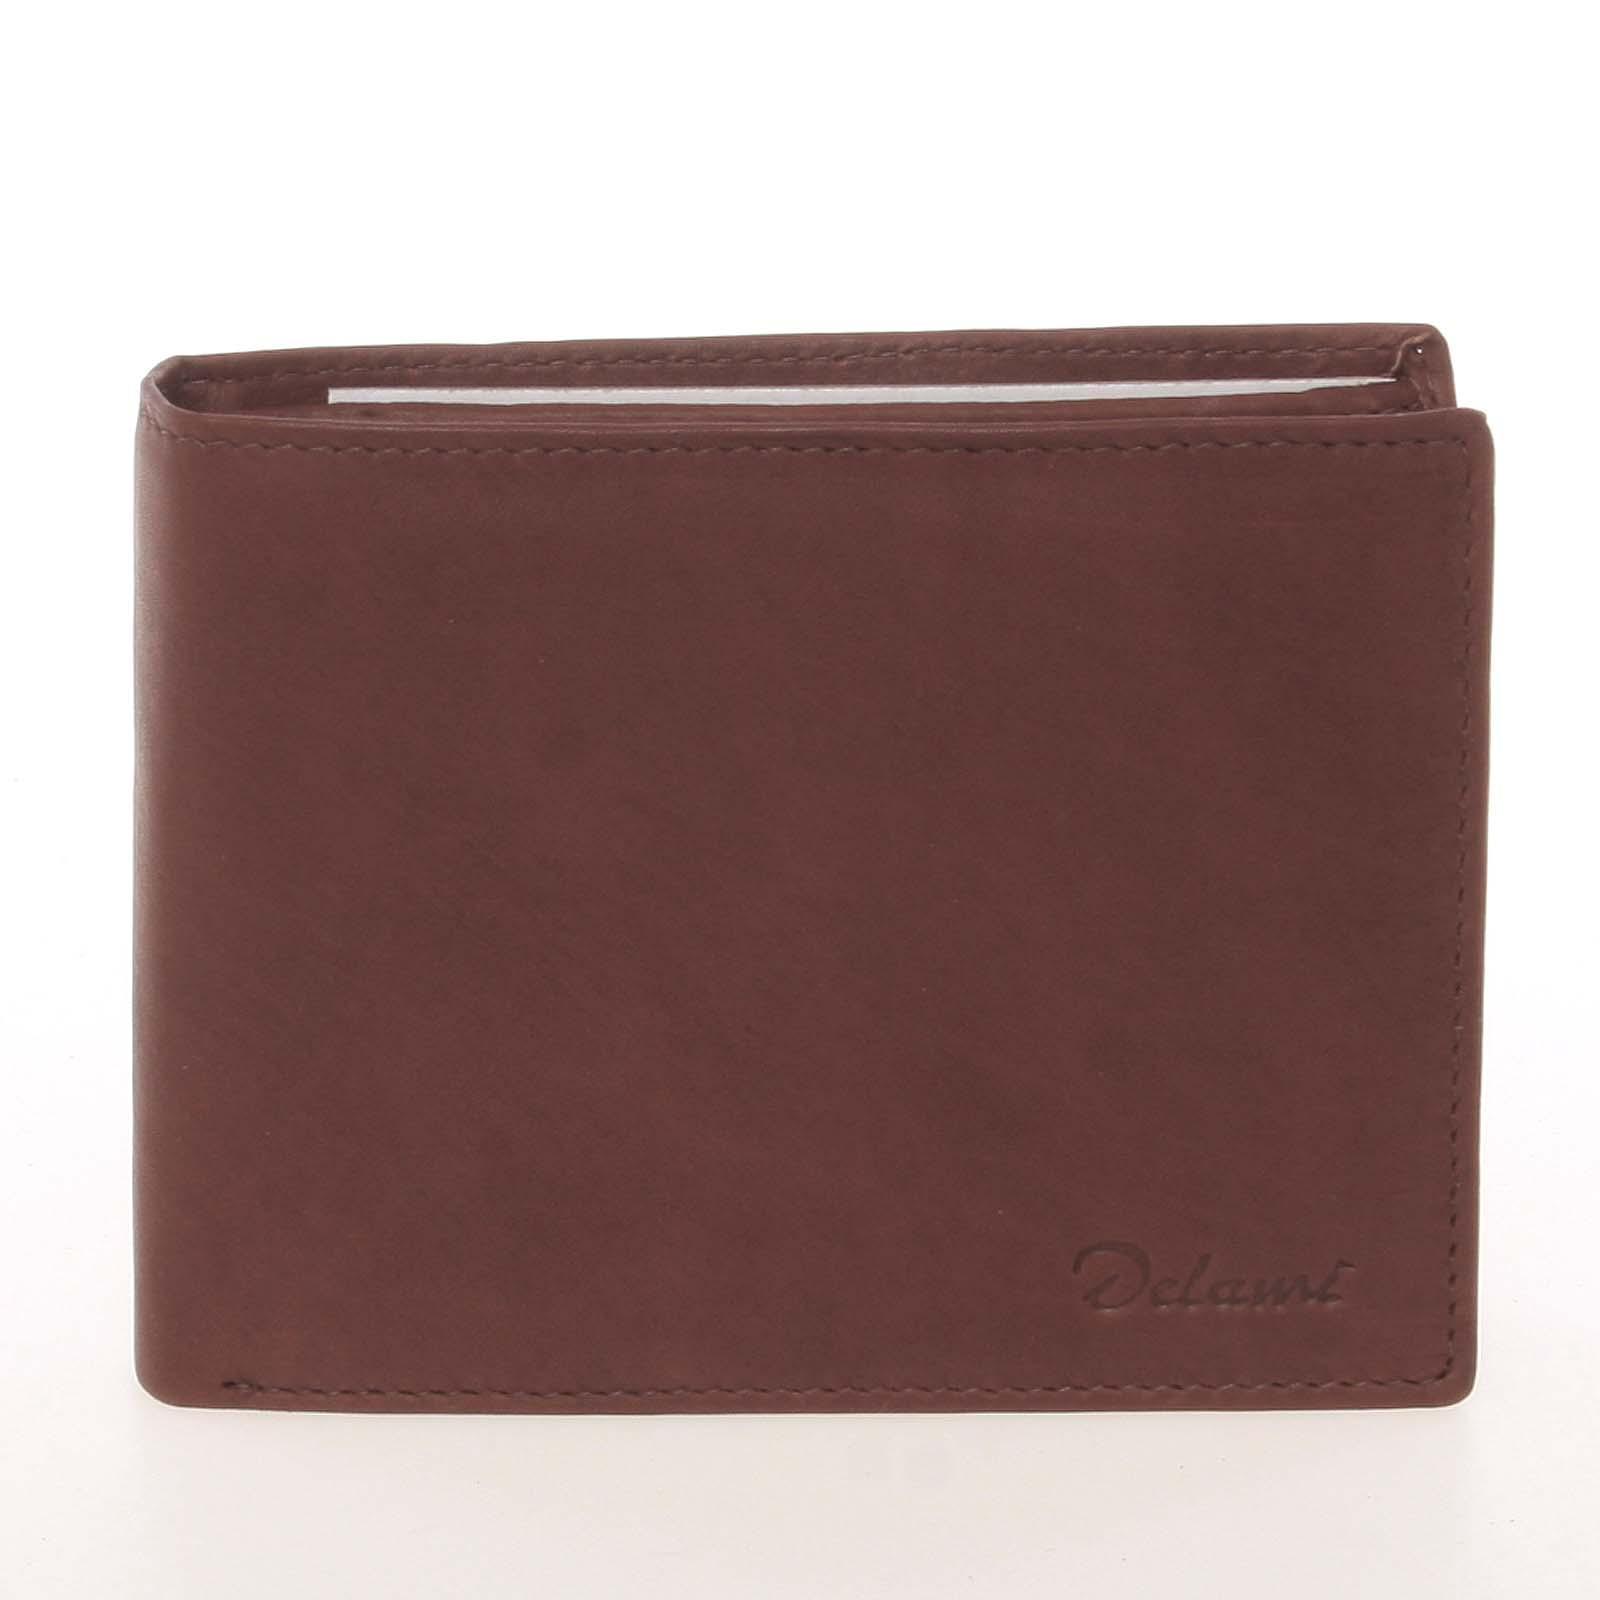 Kvalitní pánská kožená hnědá peněženka - Delami Archard hnědá